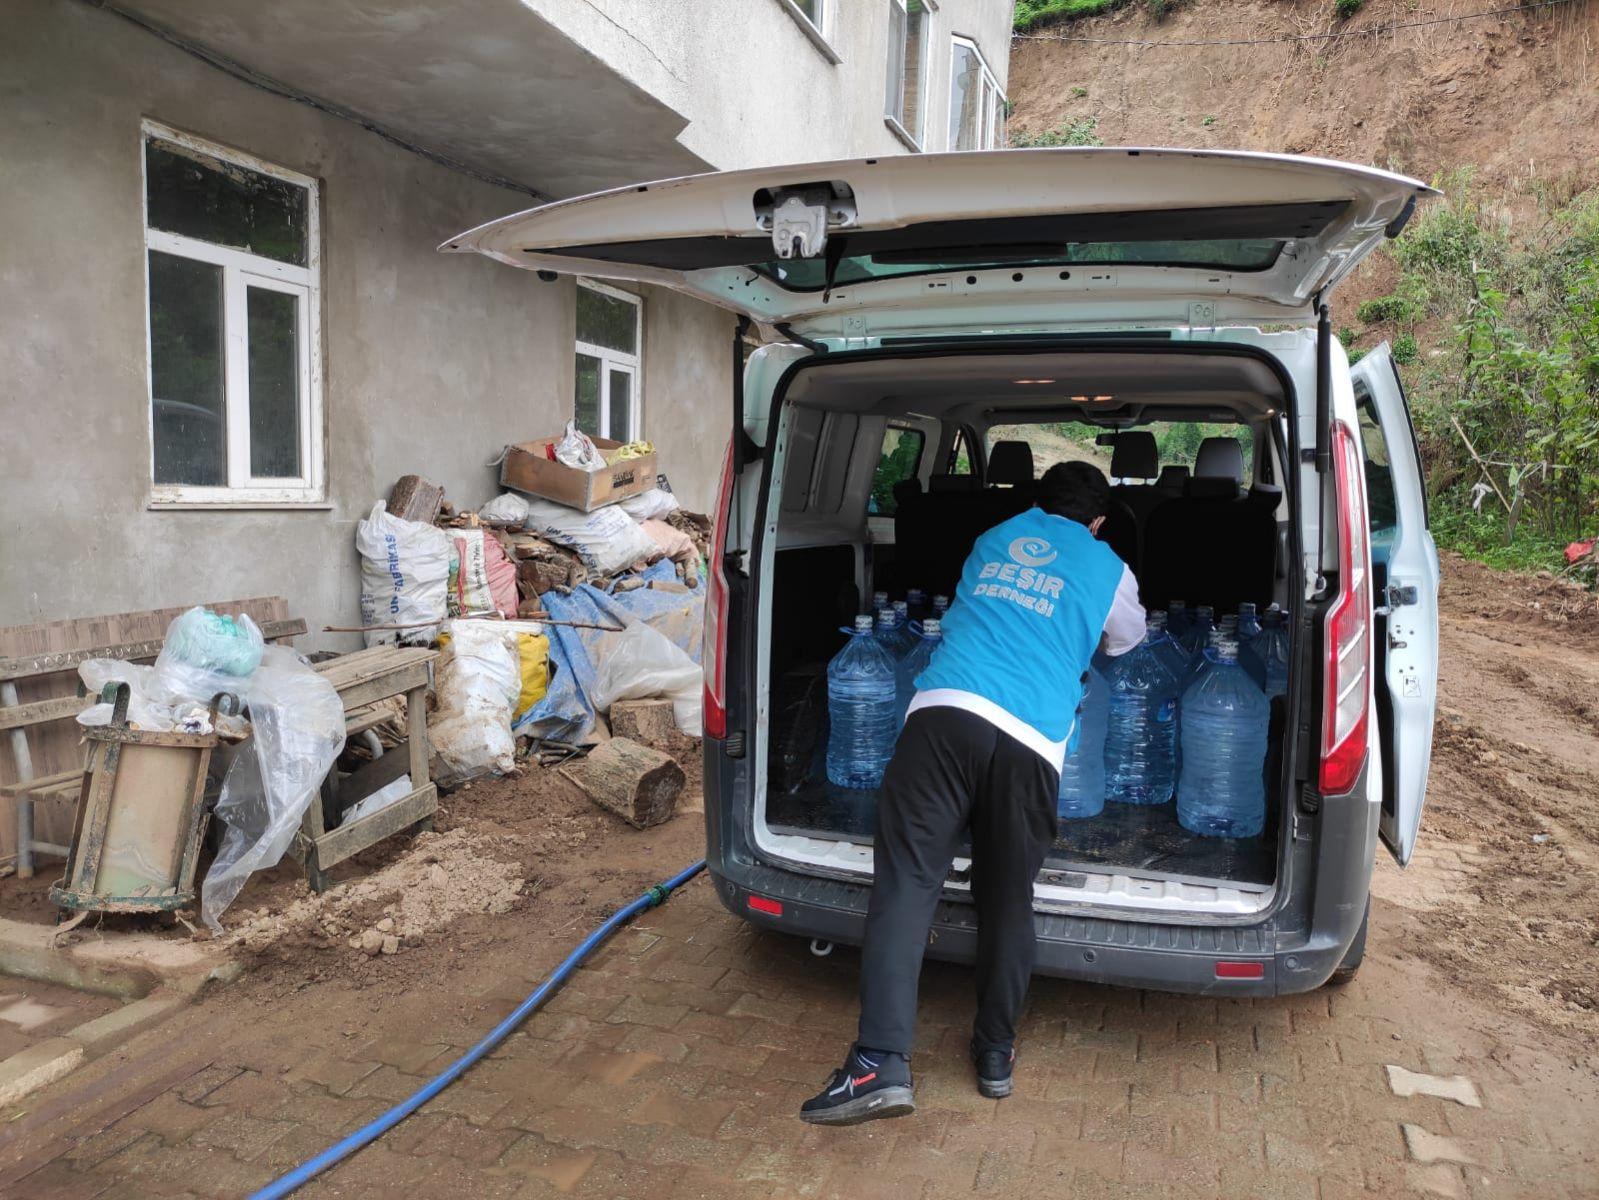 Rize'de Yaşanan Sel Felaketi Sonrası 1 Tır Su Yardımında Bulunduk.